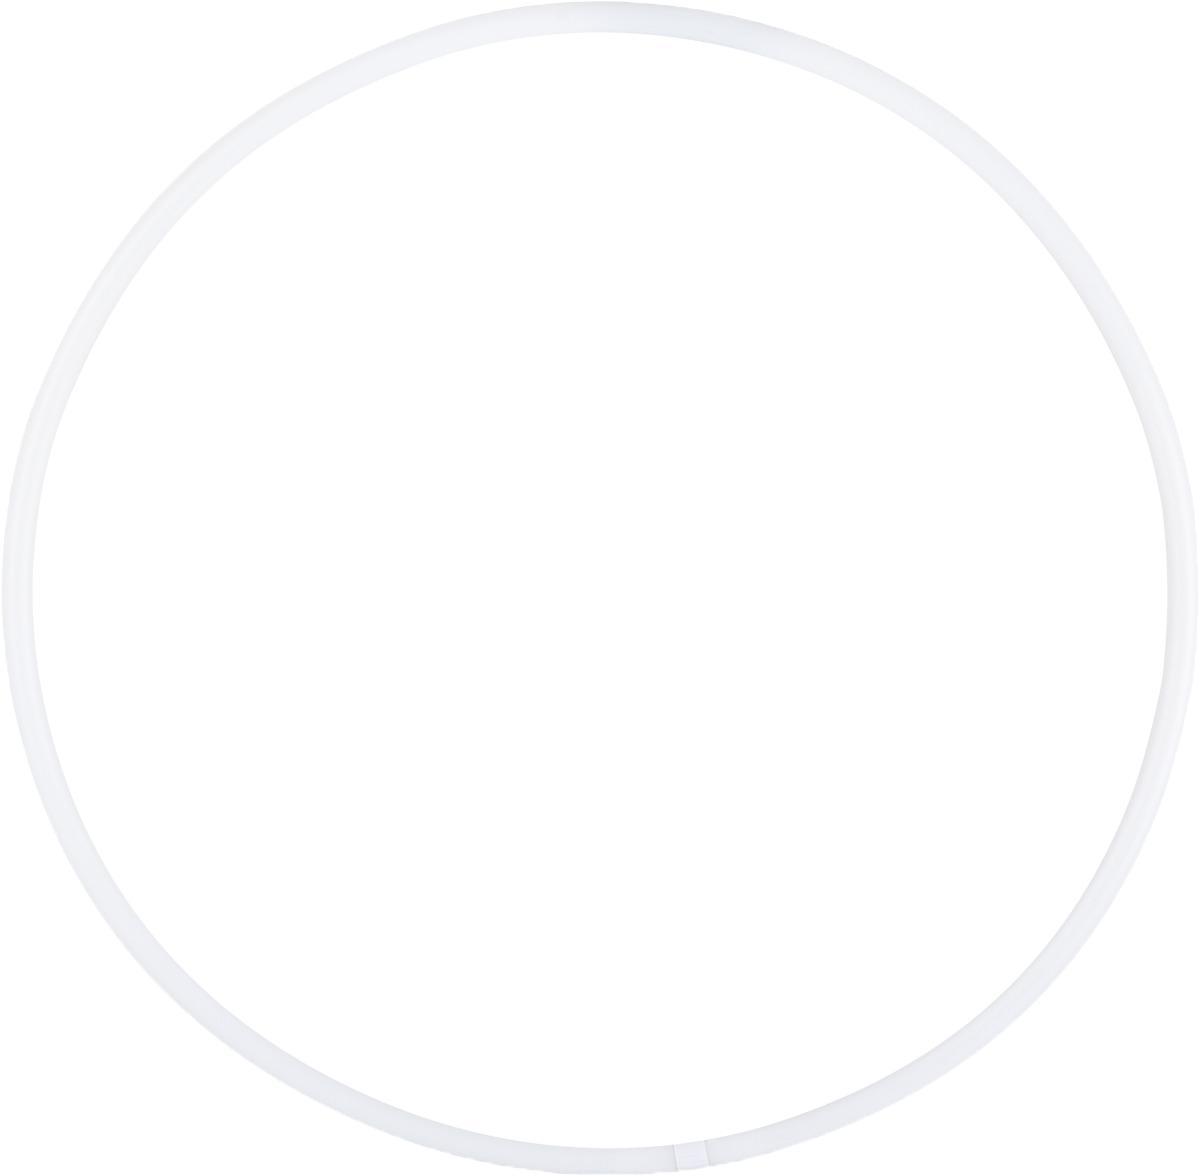 Обруч для художественной гимнастики Amely AGO-101, диаметр 85 см, цвет: белый лента для художественной гимнастики amely agr 201 длина 6 м с палочкой 56 см цвет фиолетовый